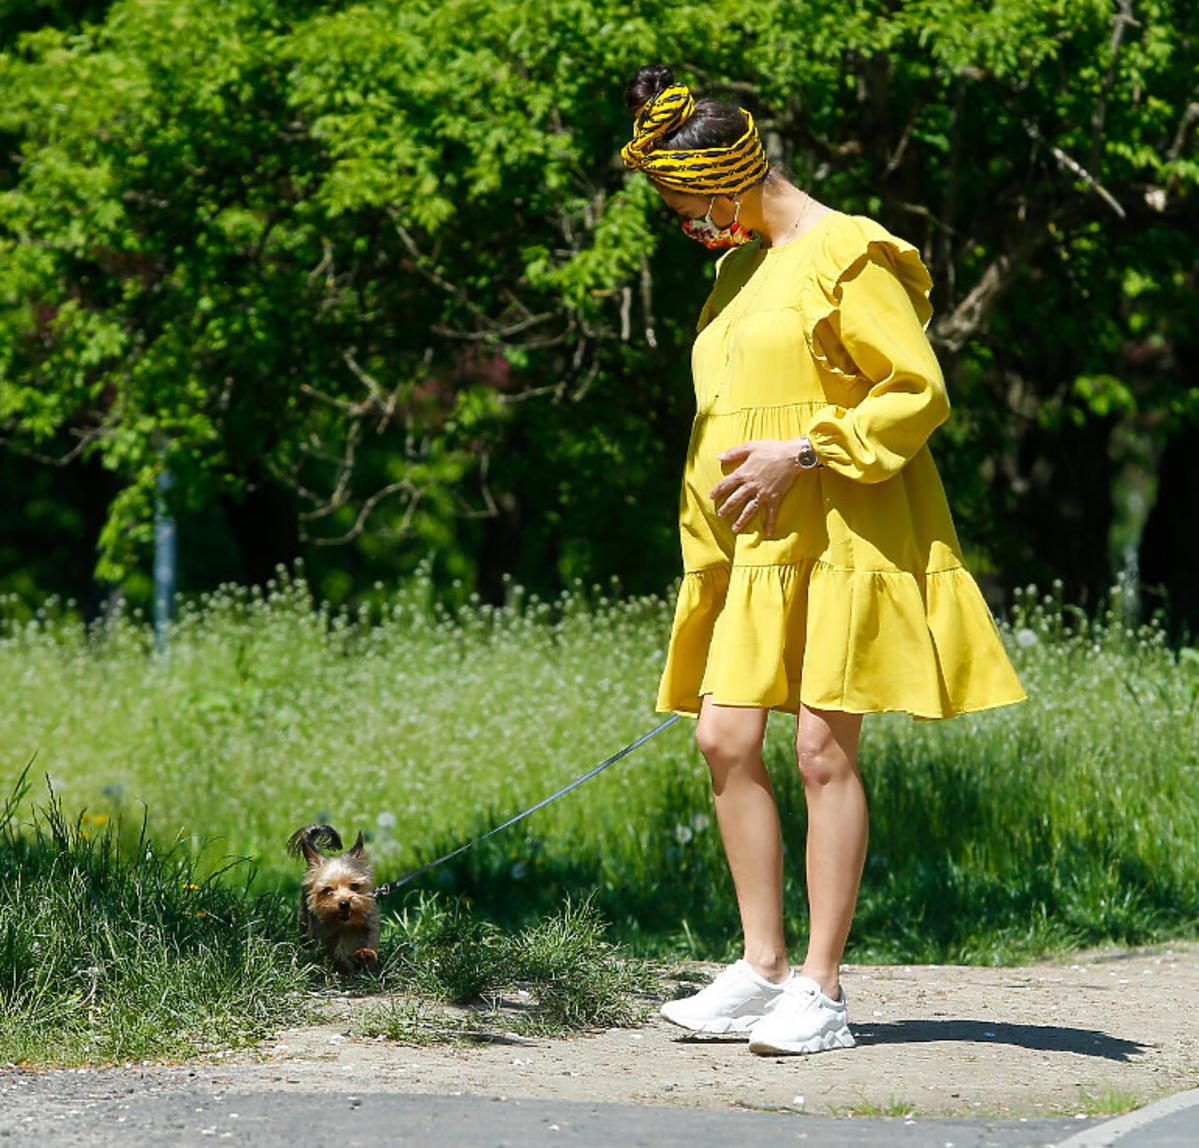 Maja Hyży w żółtej sukience na spacerze